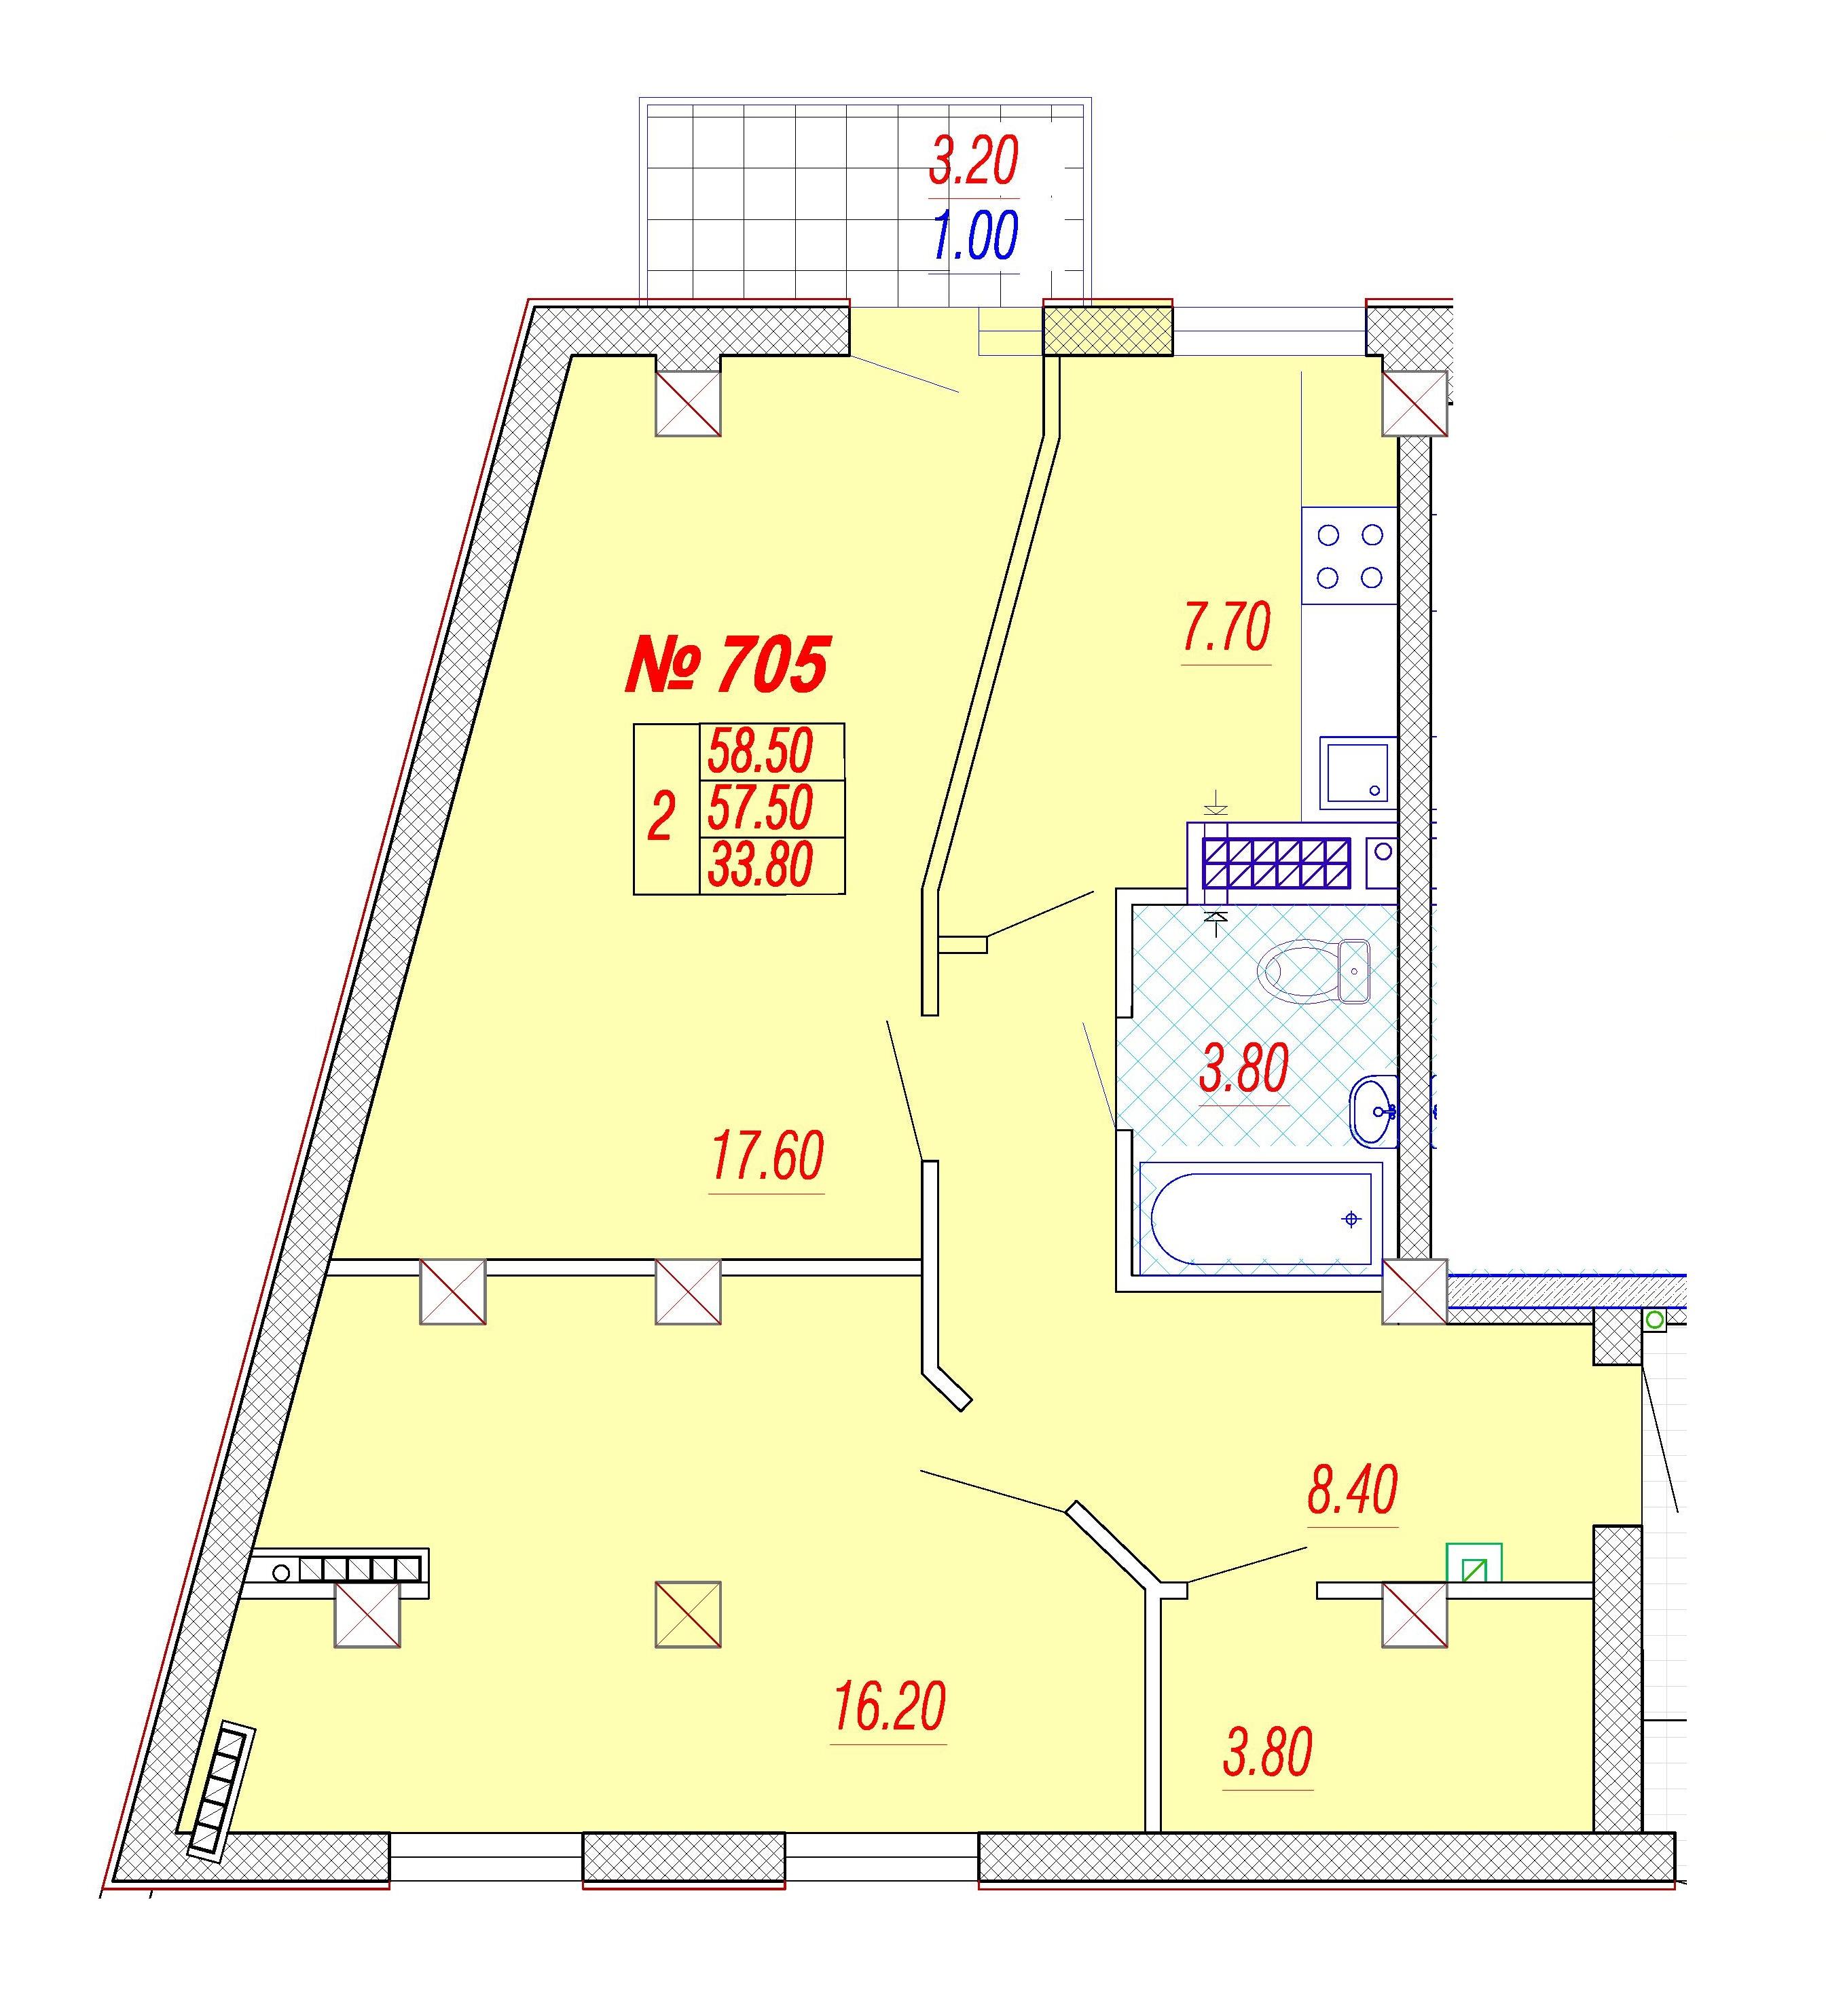 Двухкомнатная - ЖК Дом на Приморской$70800Площадь:59m²